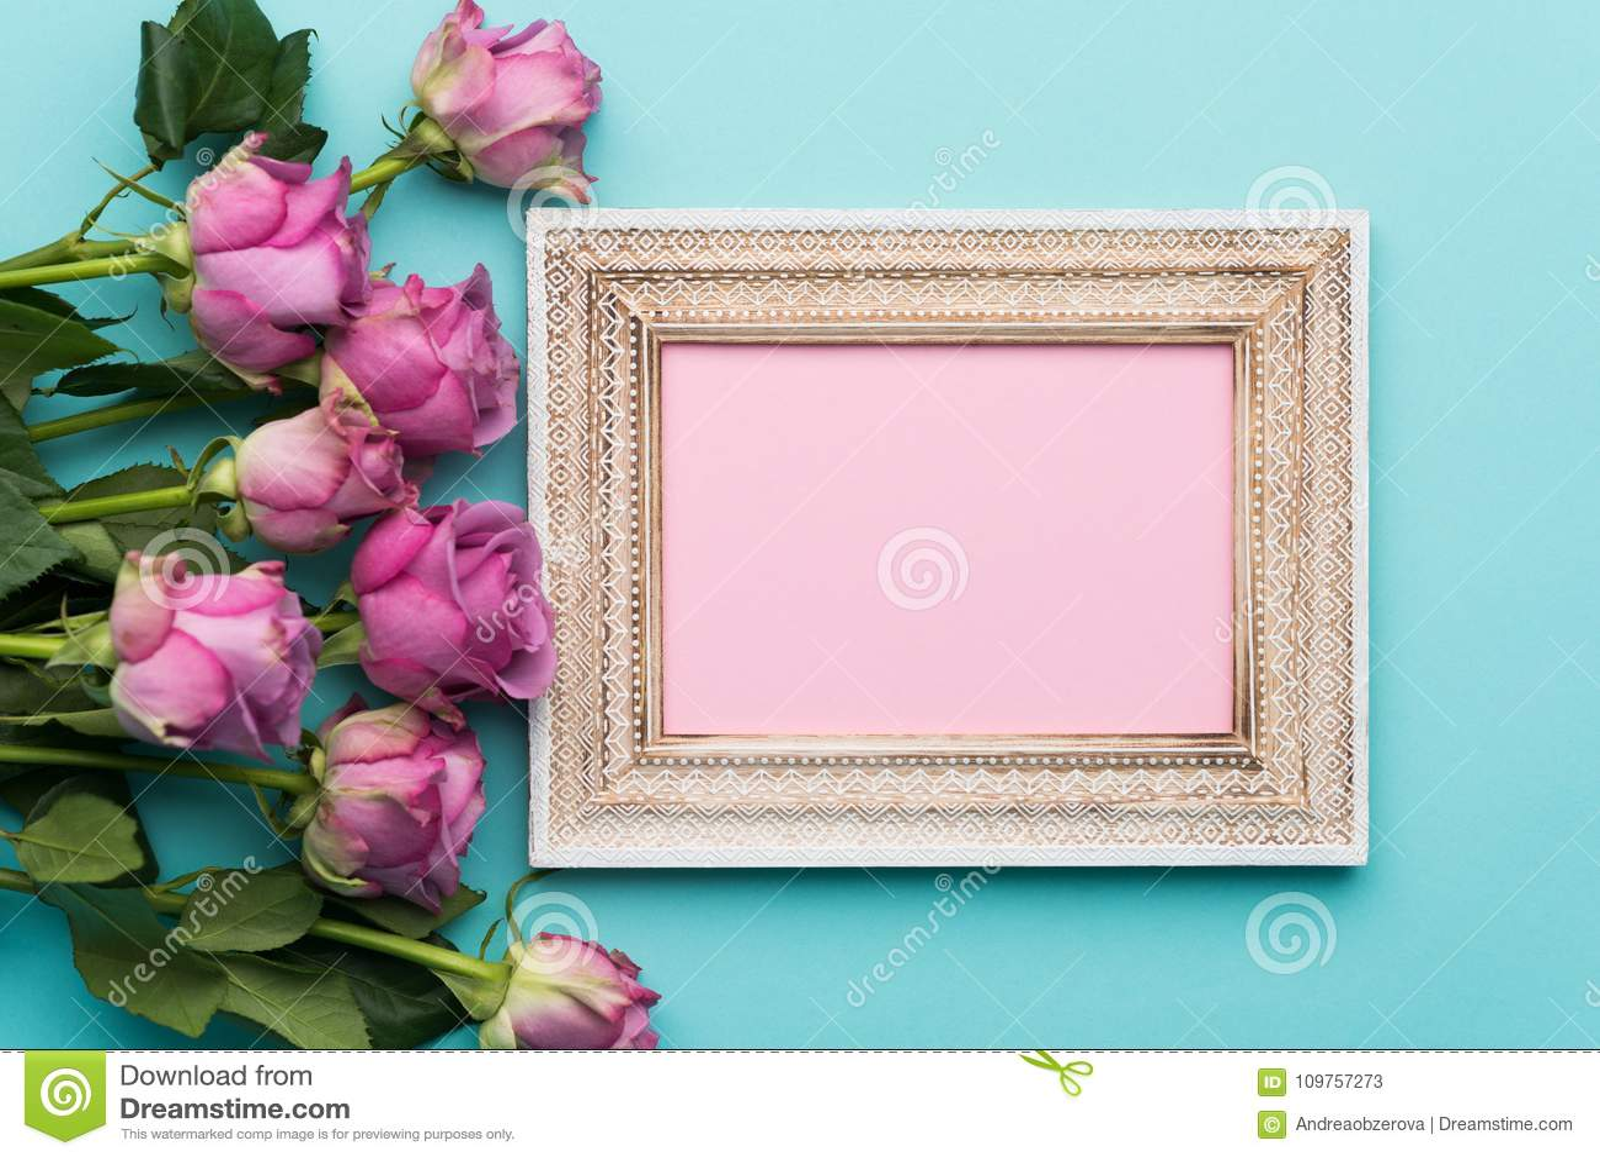 愉快的母亲` s天,妇女` s天,华伦泰` s天或生日舱内甲板放置背景 美好的画框,新鲜的桃红色玫瑰